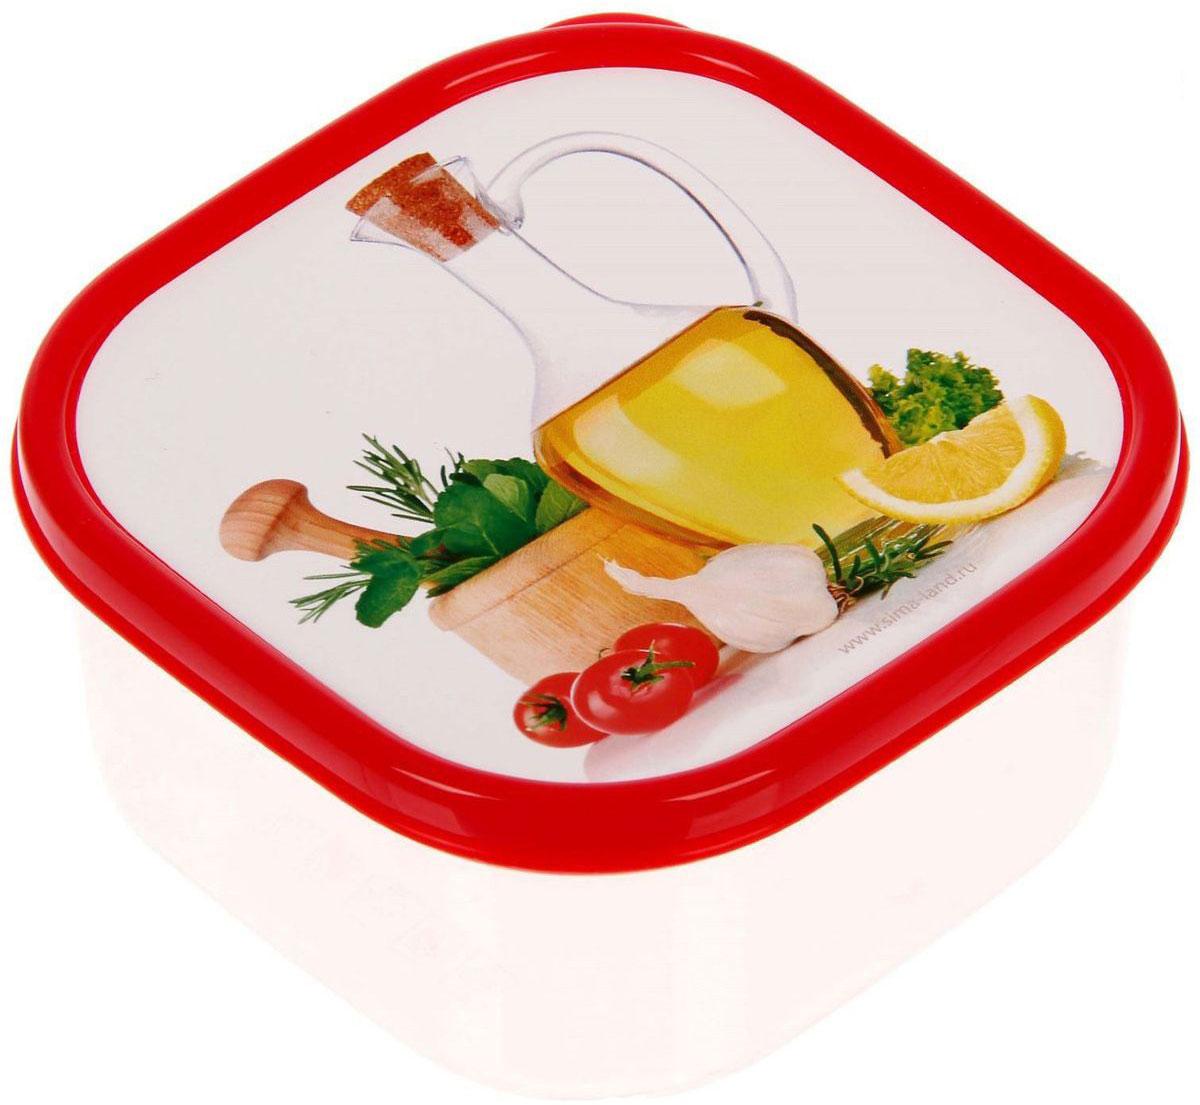 Ланч-бокс Доляна №5, квадратный, 450 мл115510Если после вкусного обеда осталась еда, а насладиться трапезой хочется и на следующий день, ланч-бокс станет отличным решением данной проблемы!Такой контейнер является незаменимым предметом кухонной утвари, ведь у него много преимуществ:Простота ухода. Ланч-бокс достаточно промыть тёплой водой с небольшим количеством чистящего средства, и он снова готов к использованию.Вместительность. Большой выбор форм и объёма поможет разместить разнообразные продукты от сахара до супов.Эргономичность. Ланч-боксы очень легко хранить даже в самой маленькой кухне, так как их можно поставить один в другой по принципу матрёшки.Многофункциональность. Разнообразие цветов и форм делает возможным использование контейнеров не только на кухне, но и в других областях домашнего быта.Любители приготовления обеда на всю семью в большинстве случаев приобретают ланч-боксы наборами, так как это позволяет рассортировать продукты по всевозможным признакам. К тому же контейнеры среднего размера станут незаменимыми помощниками на работе: ведь что может быть приятнее, чем порадовать себя во время обеда прекрасной едой, заботливо сохранённой в контейнере?В качестве материала для изготовления используется пластик, что делает процесс ухода за контейнером ещё более эффективным. К каждому ланч-боксу в комплекте также прилагается крышка подходящего размера, это позволяет плотно и надёжно удерживать запах еды и упрощает процесс транспортировки.Однако рекомендуется соблюдать и меры предосторожности: не использовать пластиковые контейнеры в духовых шкафах и на открытом огне, а также не разогревать в микроволновых печах при закрытой крышке ланч-бокса. Соблюдение мер безопасности позволит продлить срок эксплуатации и сохранить отличный внешний вид изделия.Эргономичный дизайн и многофункциональность таких контейнеров — вот, что является причиной большой популярности данного предмета у каждой хозяйки. А в преддверии лета и дачного сезона такое приобретение позволит подн